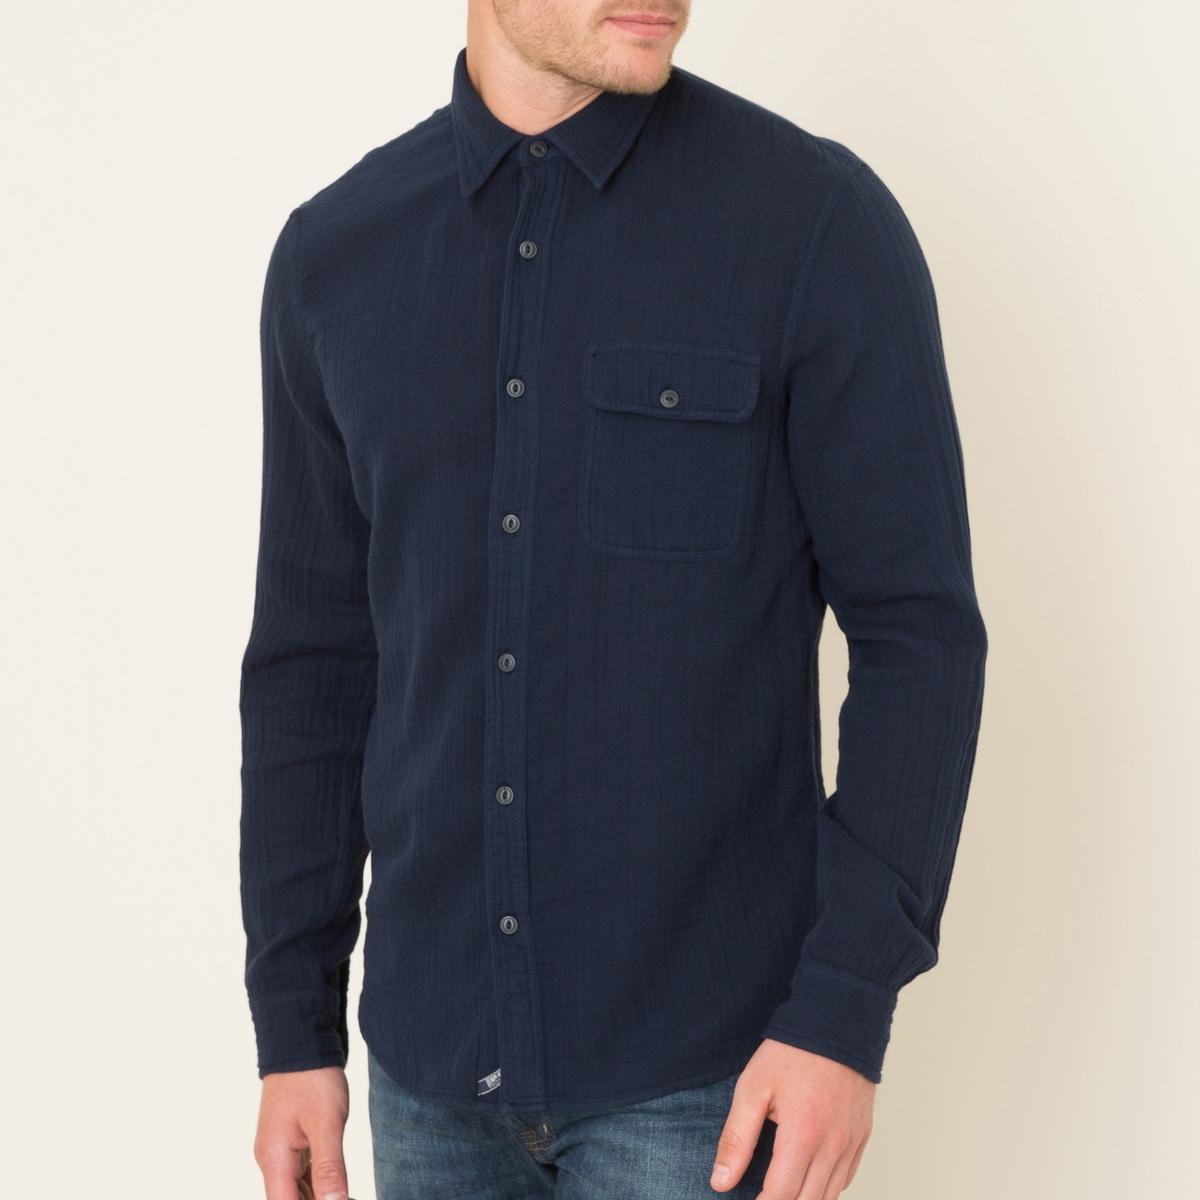 Рубашка из хлопка с плотным переплетением нитей